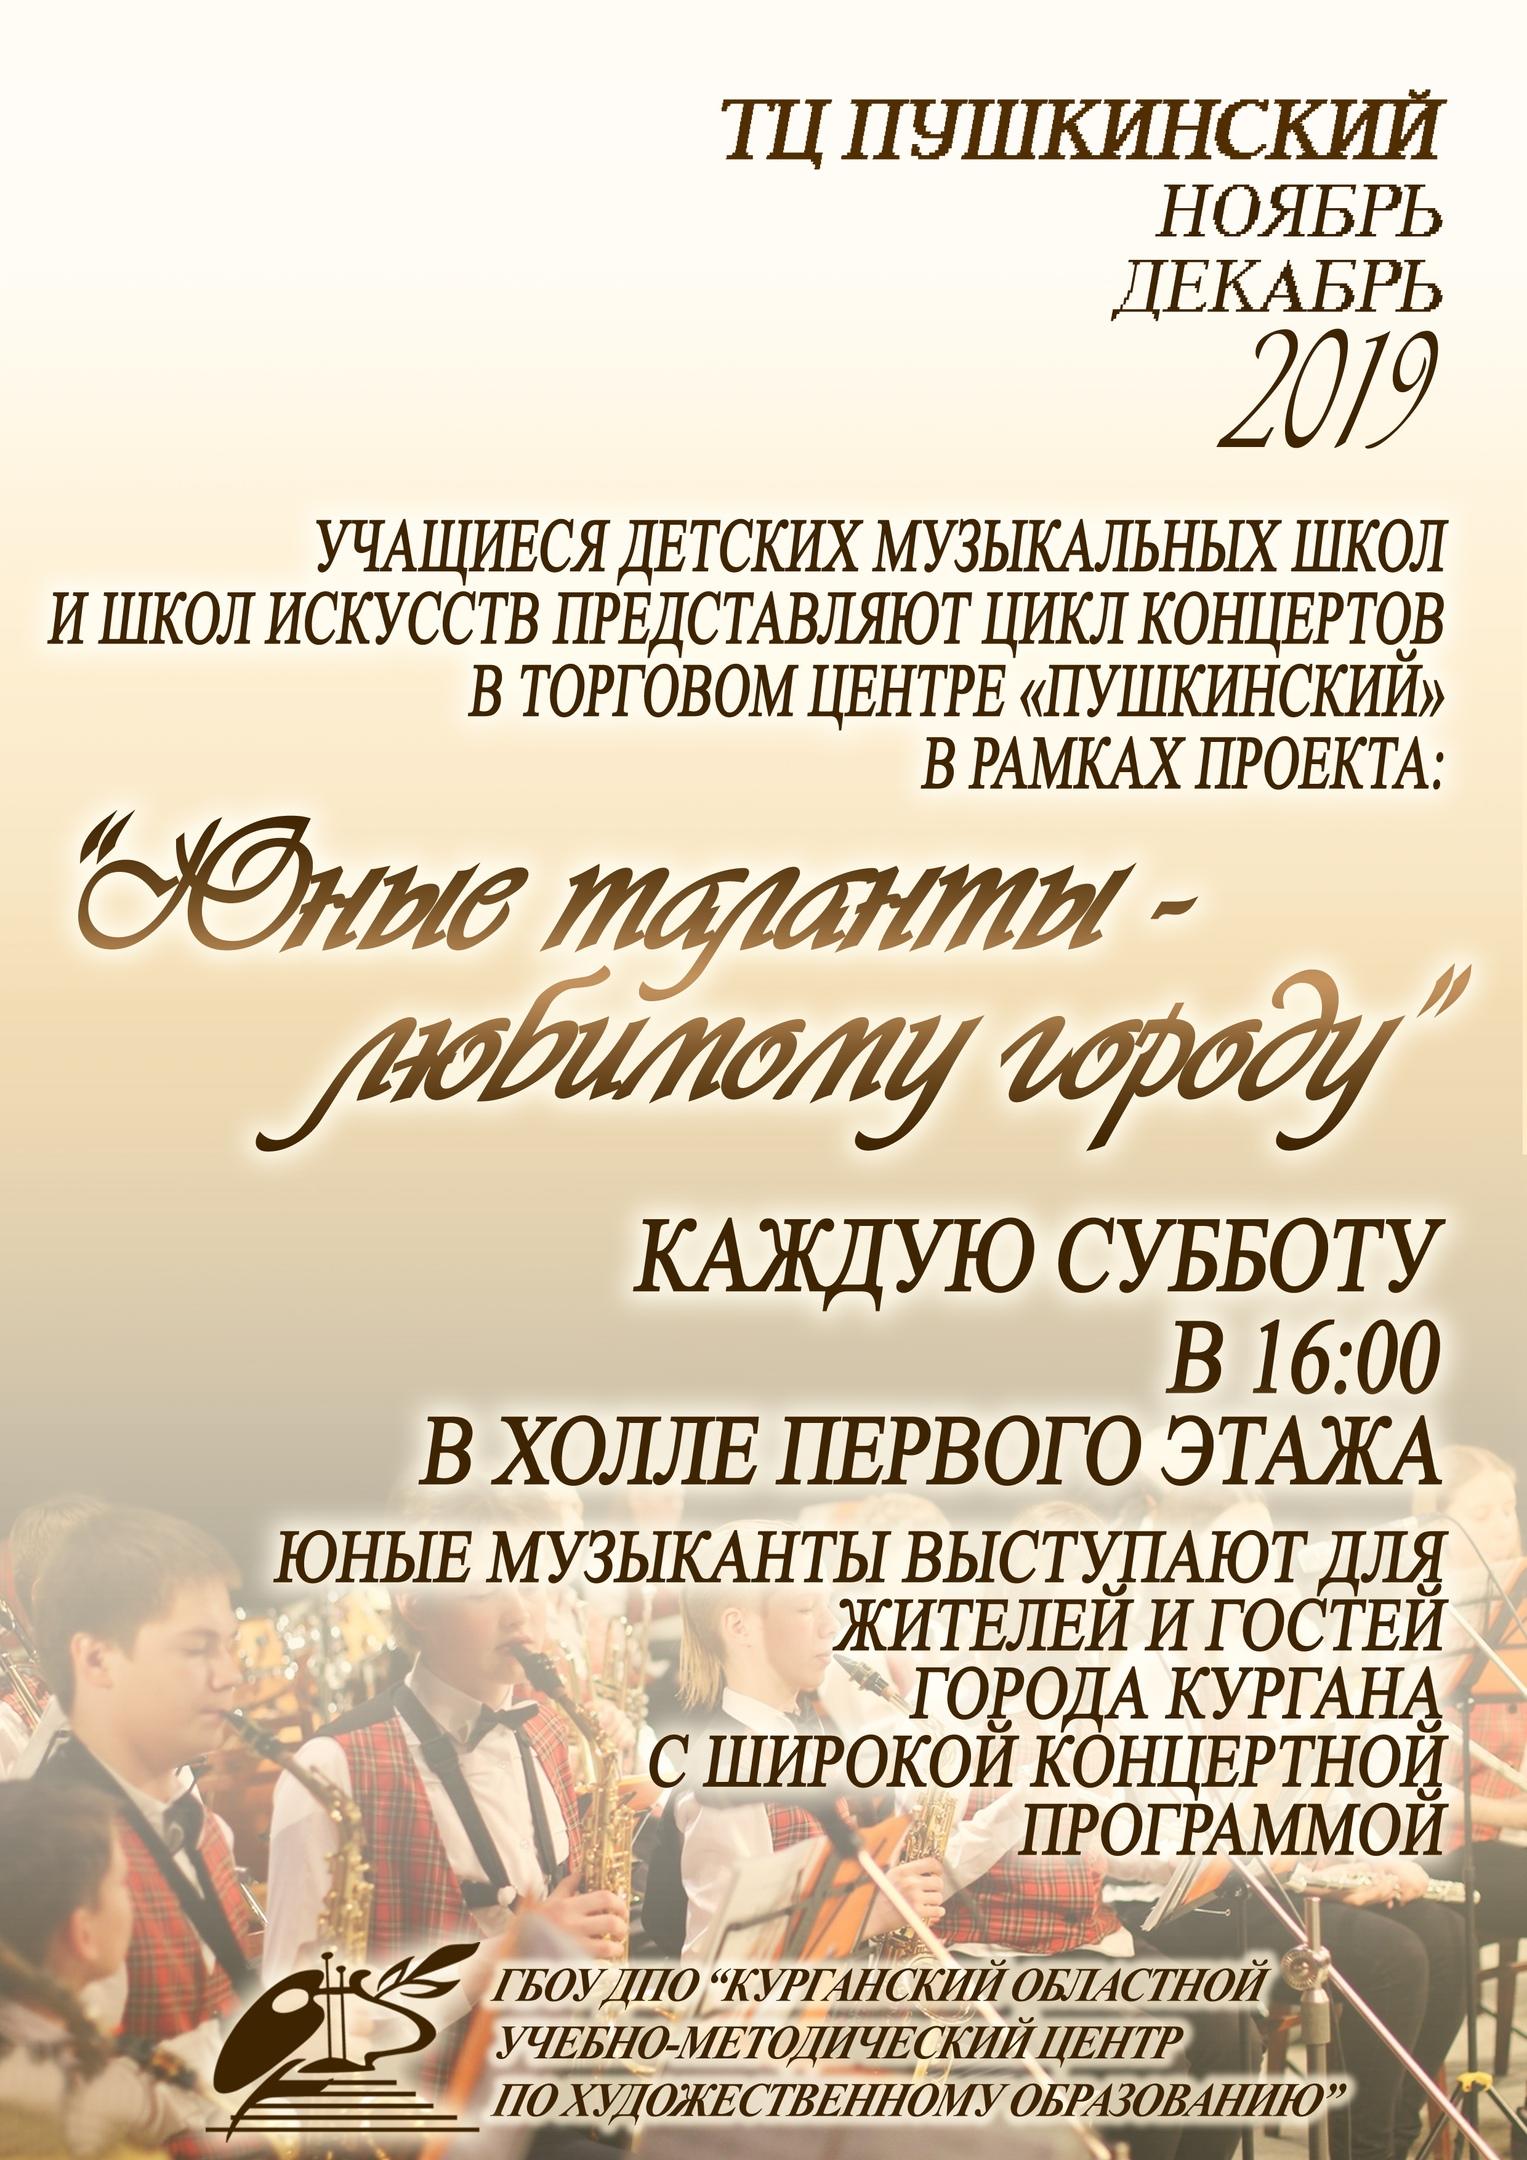 мероприятие Концертная программа Юные таланты любимому городу курган афиша расписание